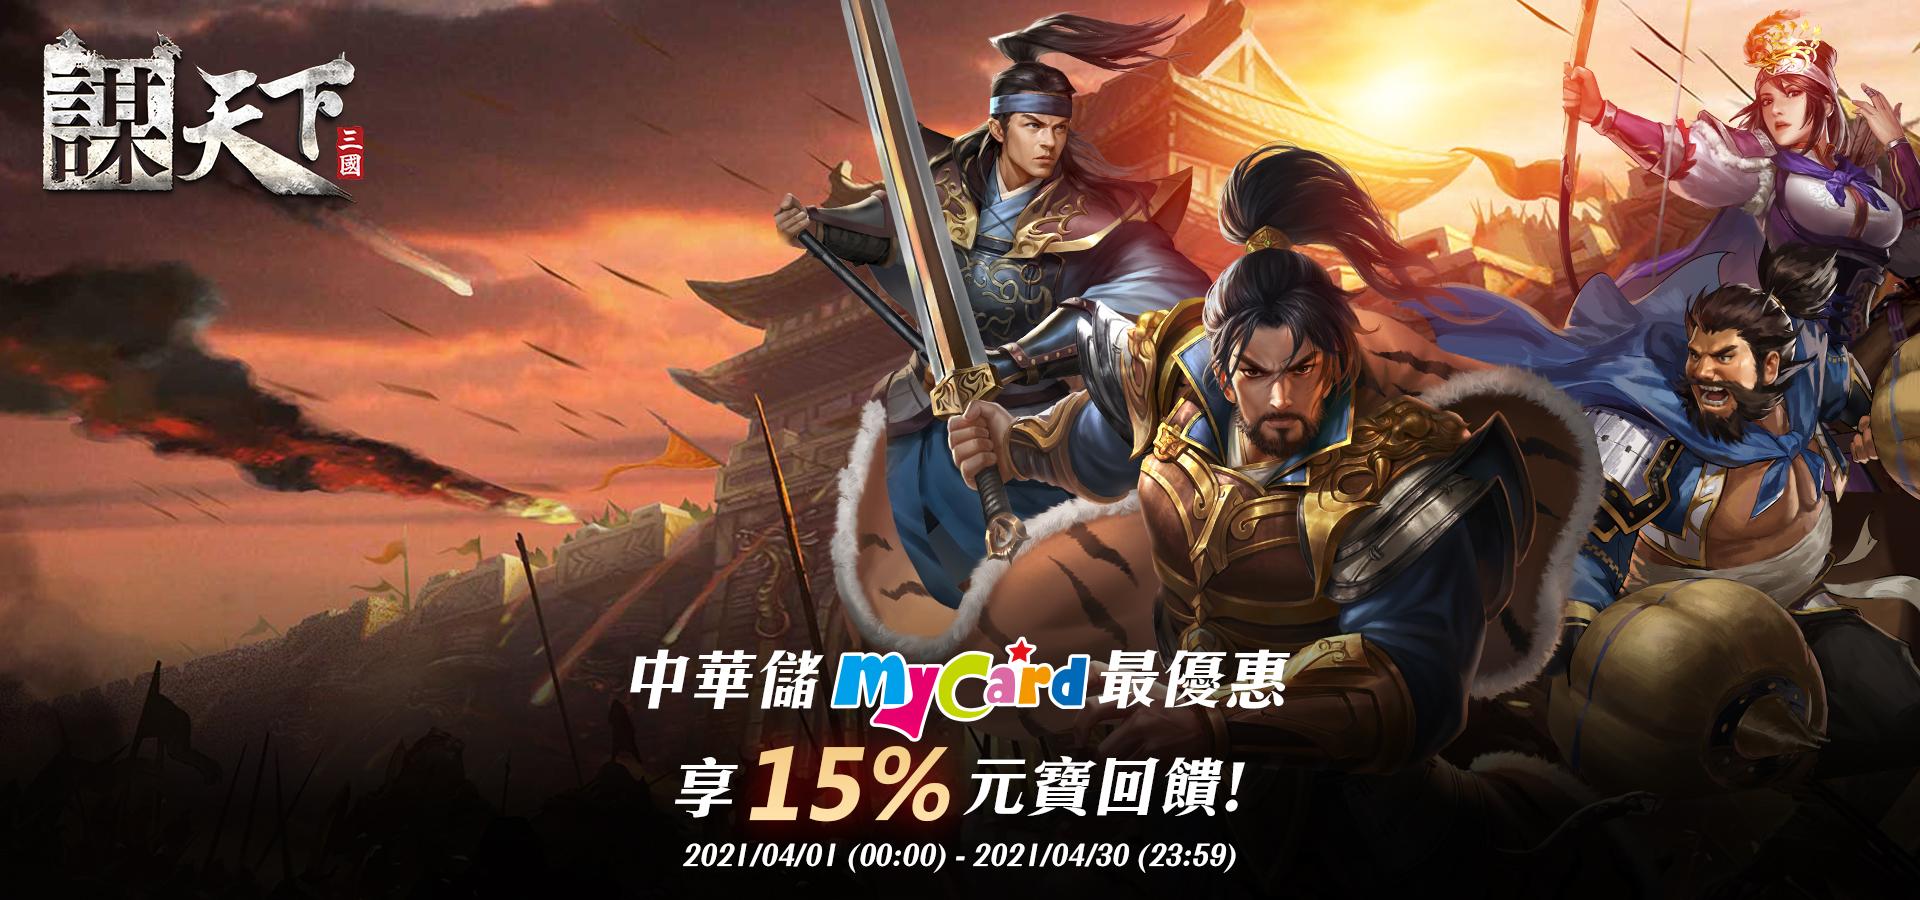 《謀天下》MyCard儲值享15%元寶回饋 | 中華